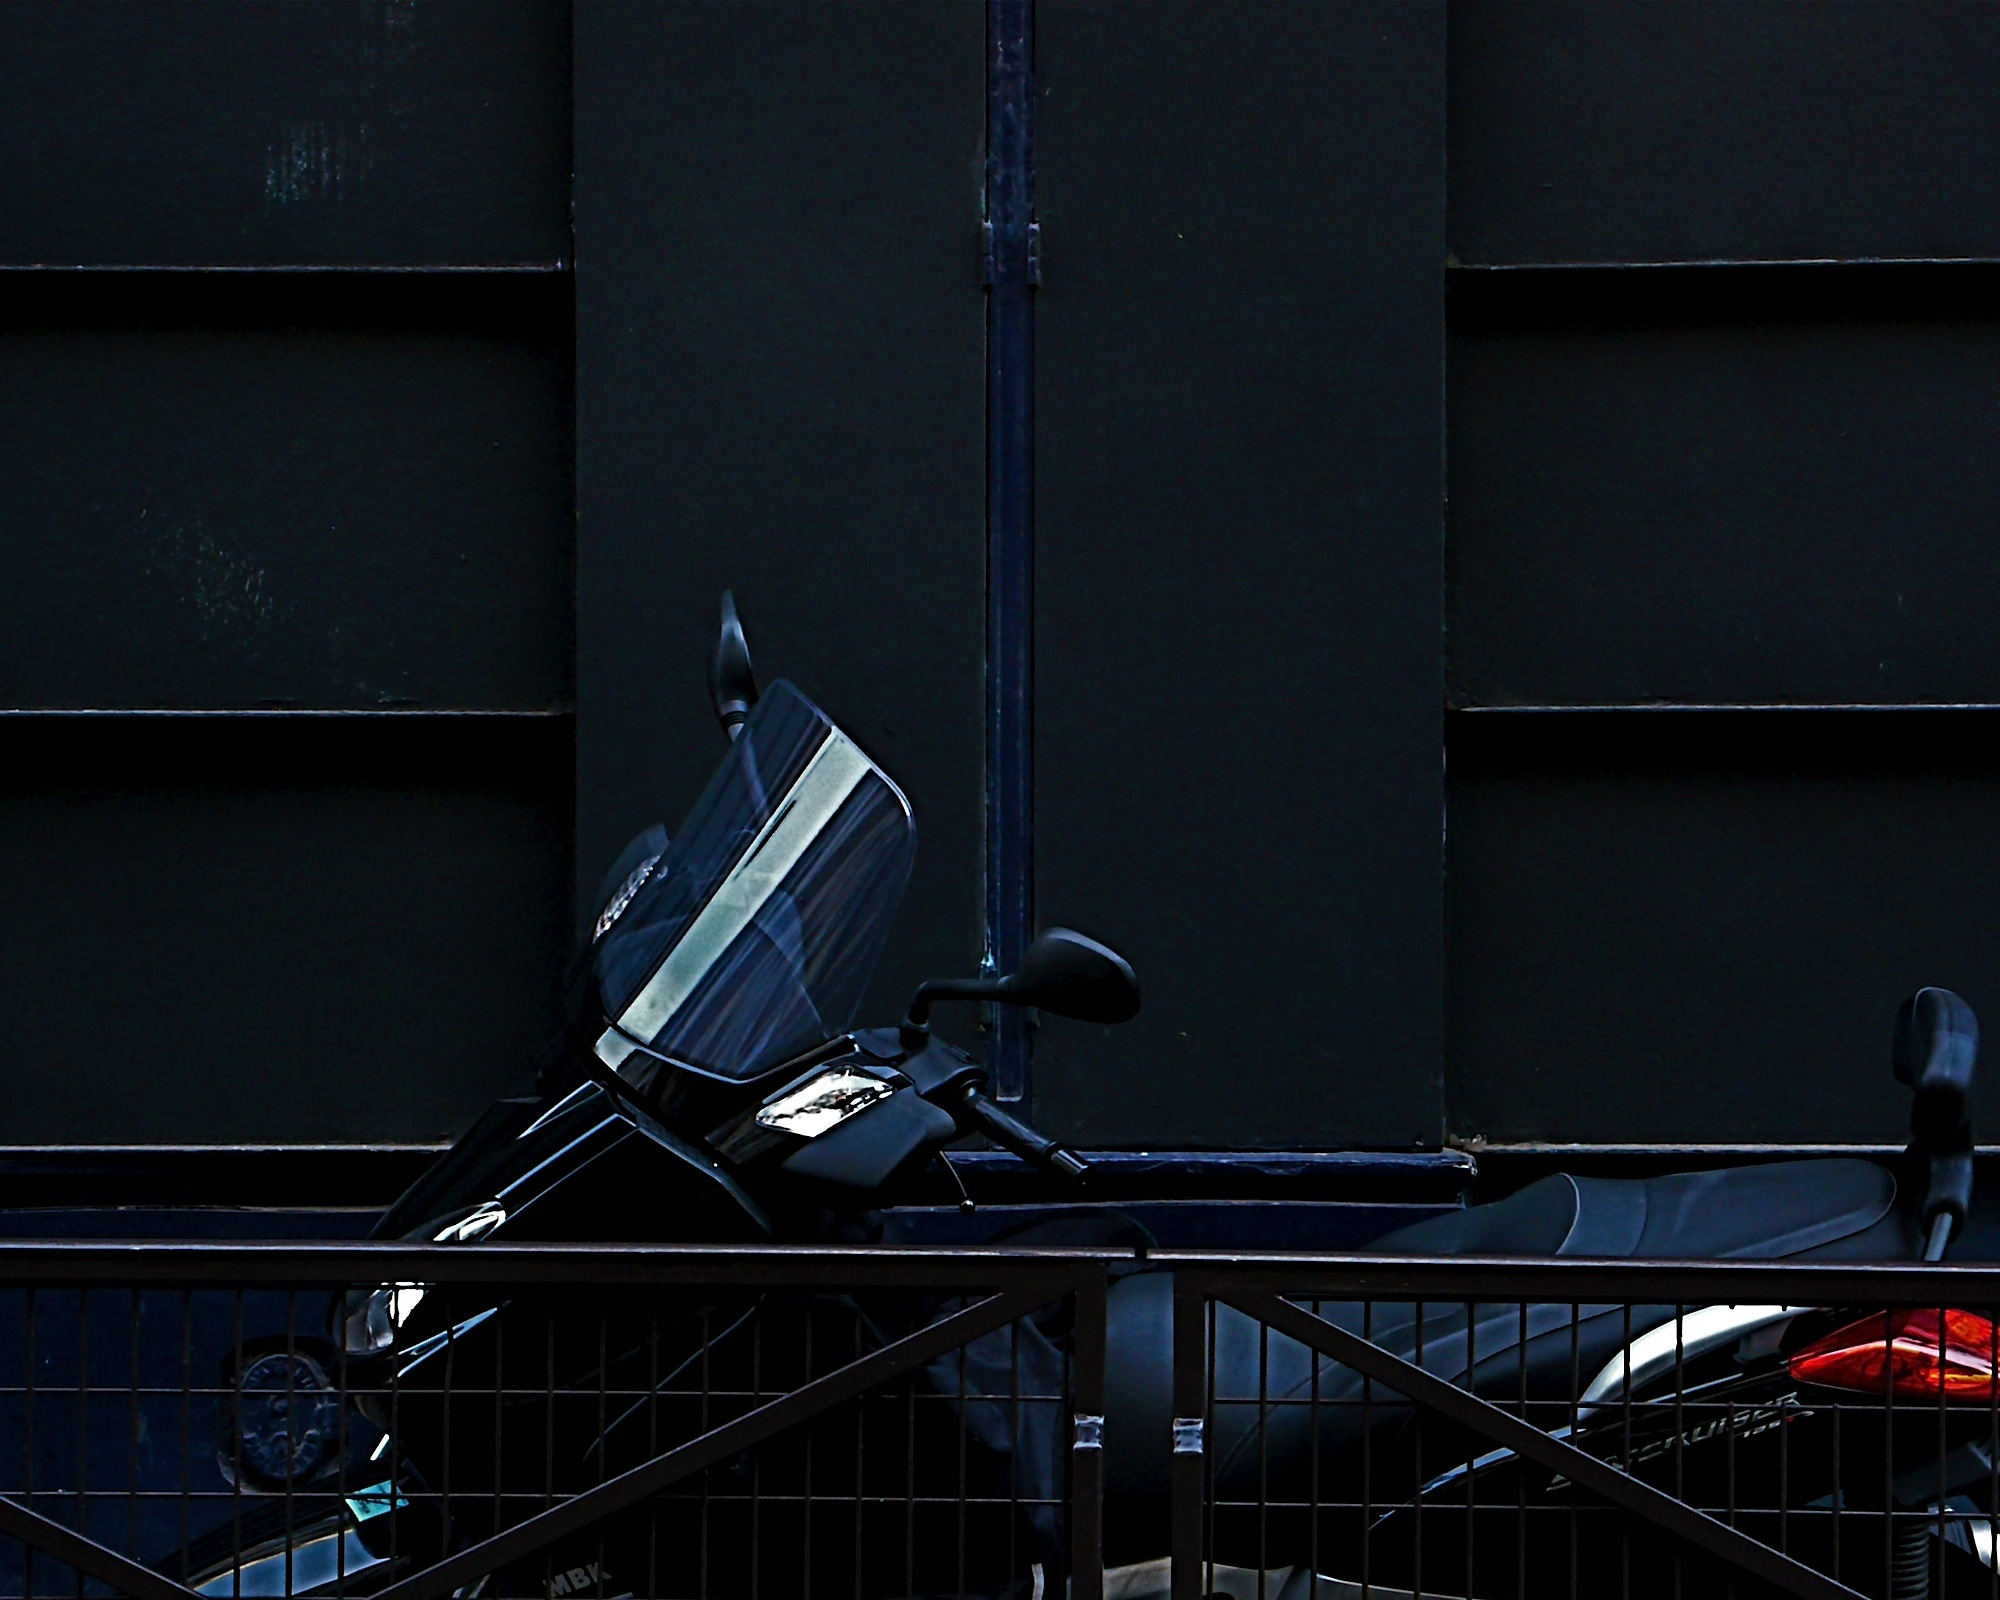 paris-motorcycle-16x20-P1110505.jpg